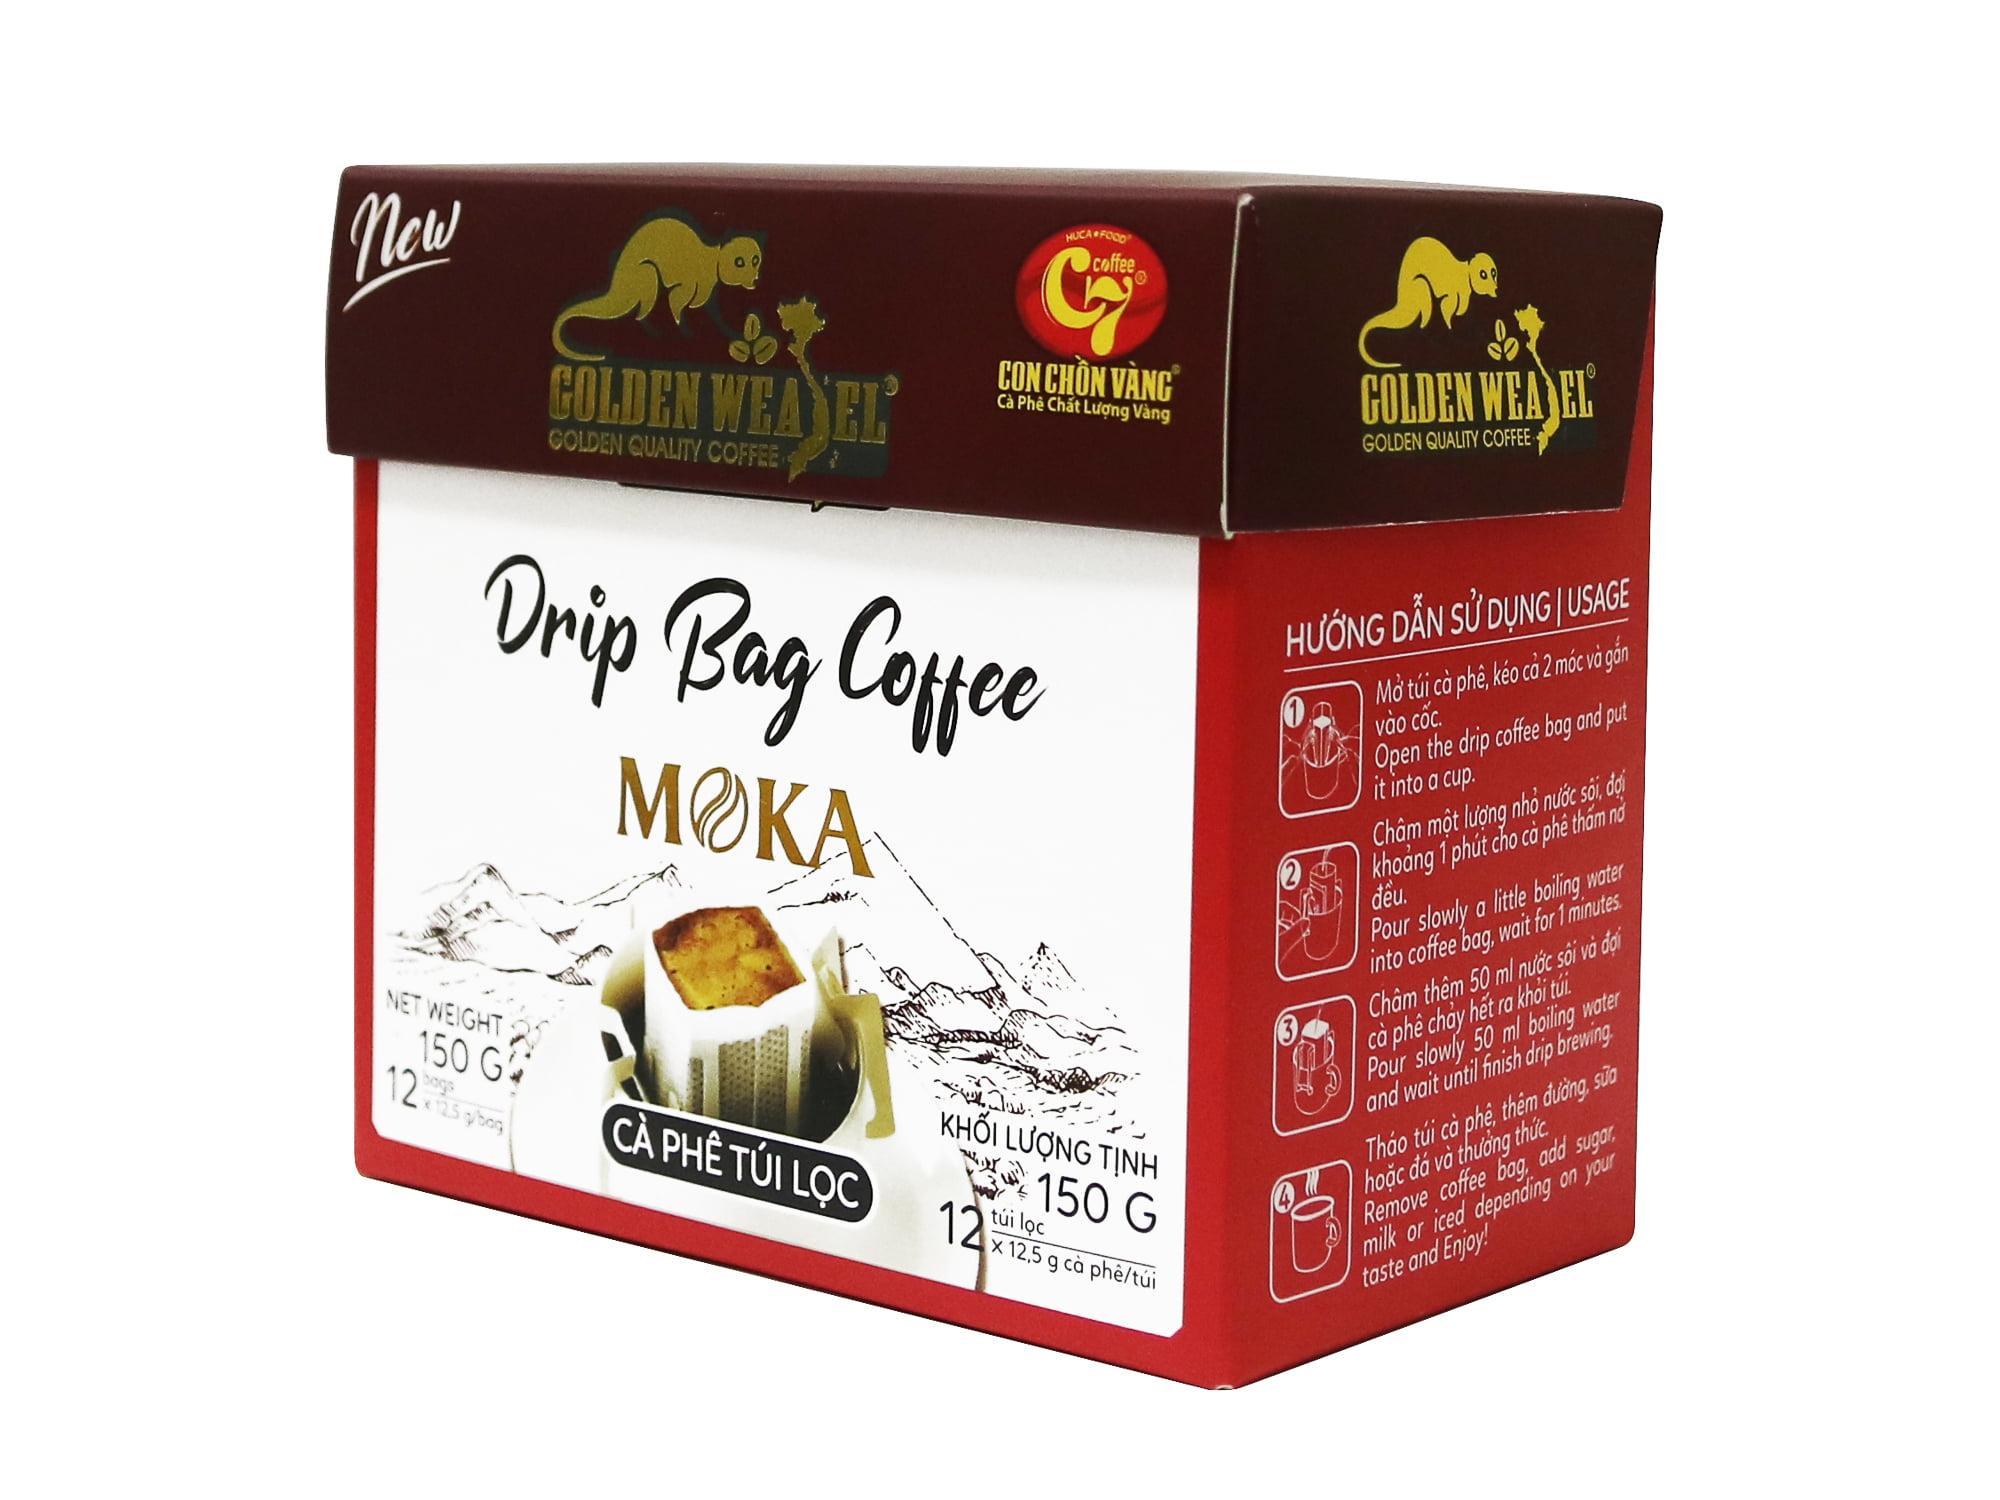 Cà phê túi lọc là gì, phân biệt cà phê túi lọc và cà phê túi nhúng, cà phê phin giấy